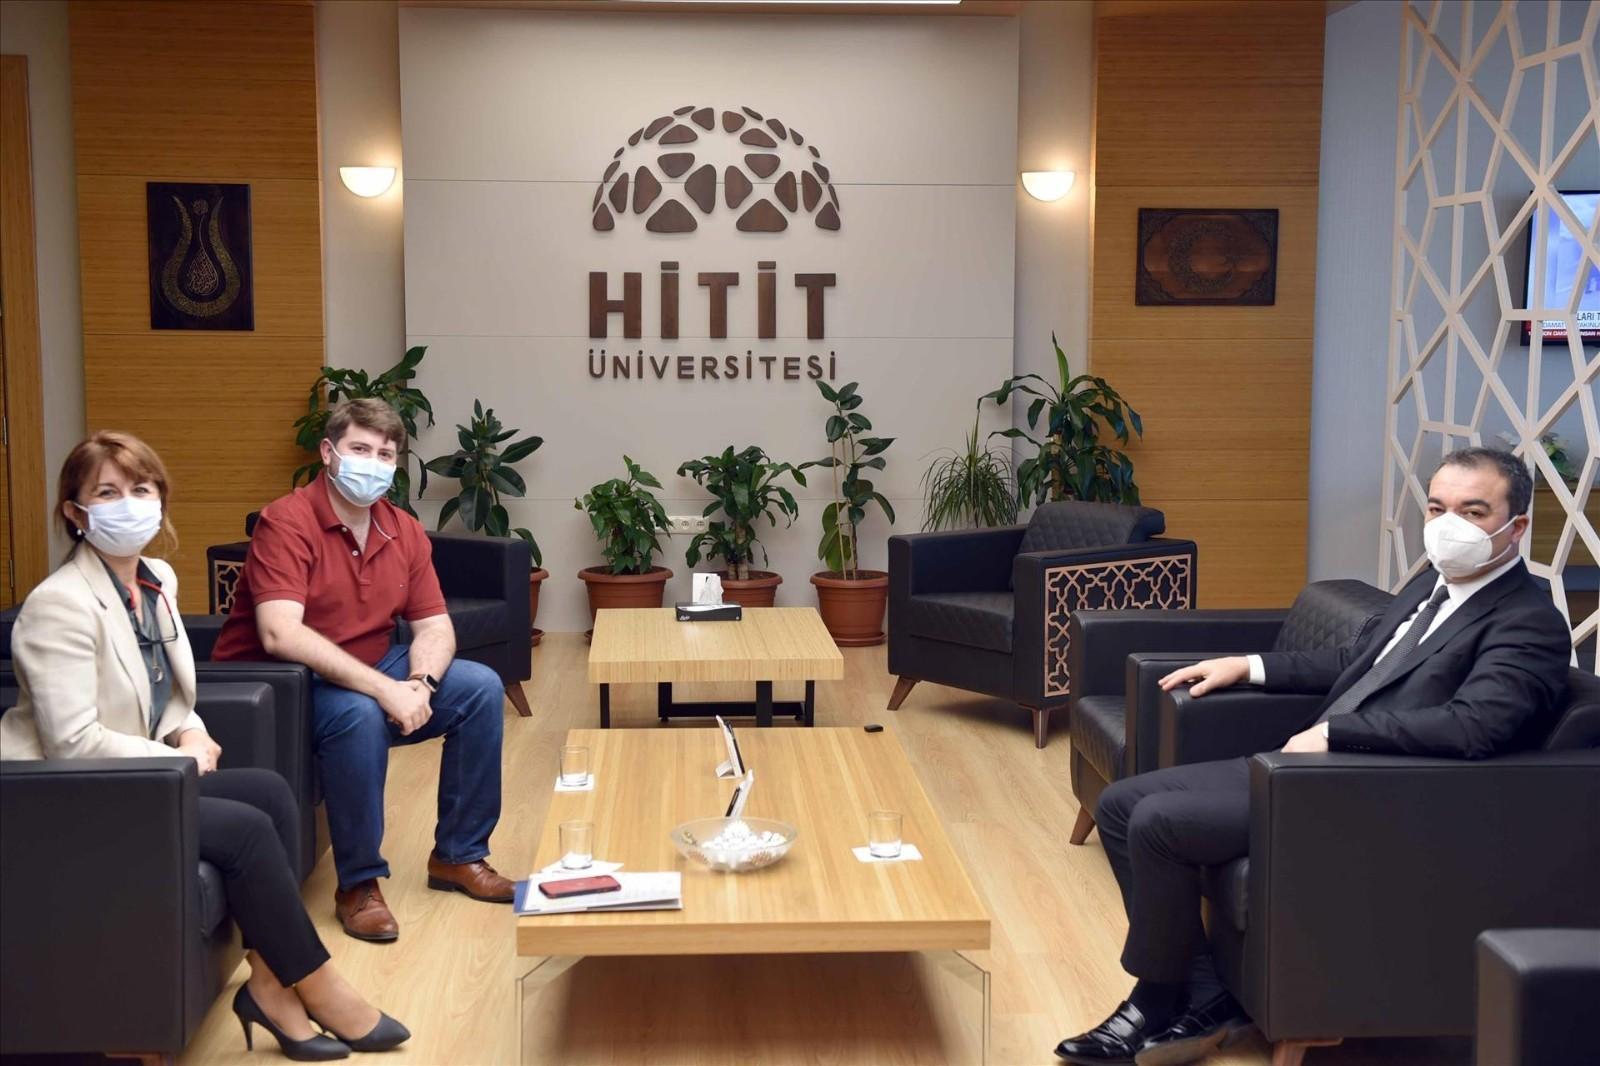 Hitit Üniversitesi'nin KKKA deneyimi uluslararası alanda ilgi görüyor